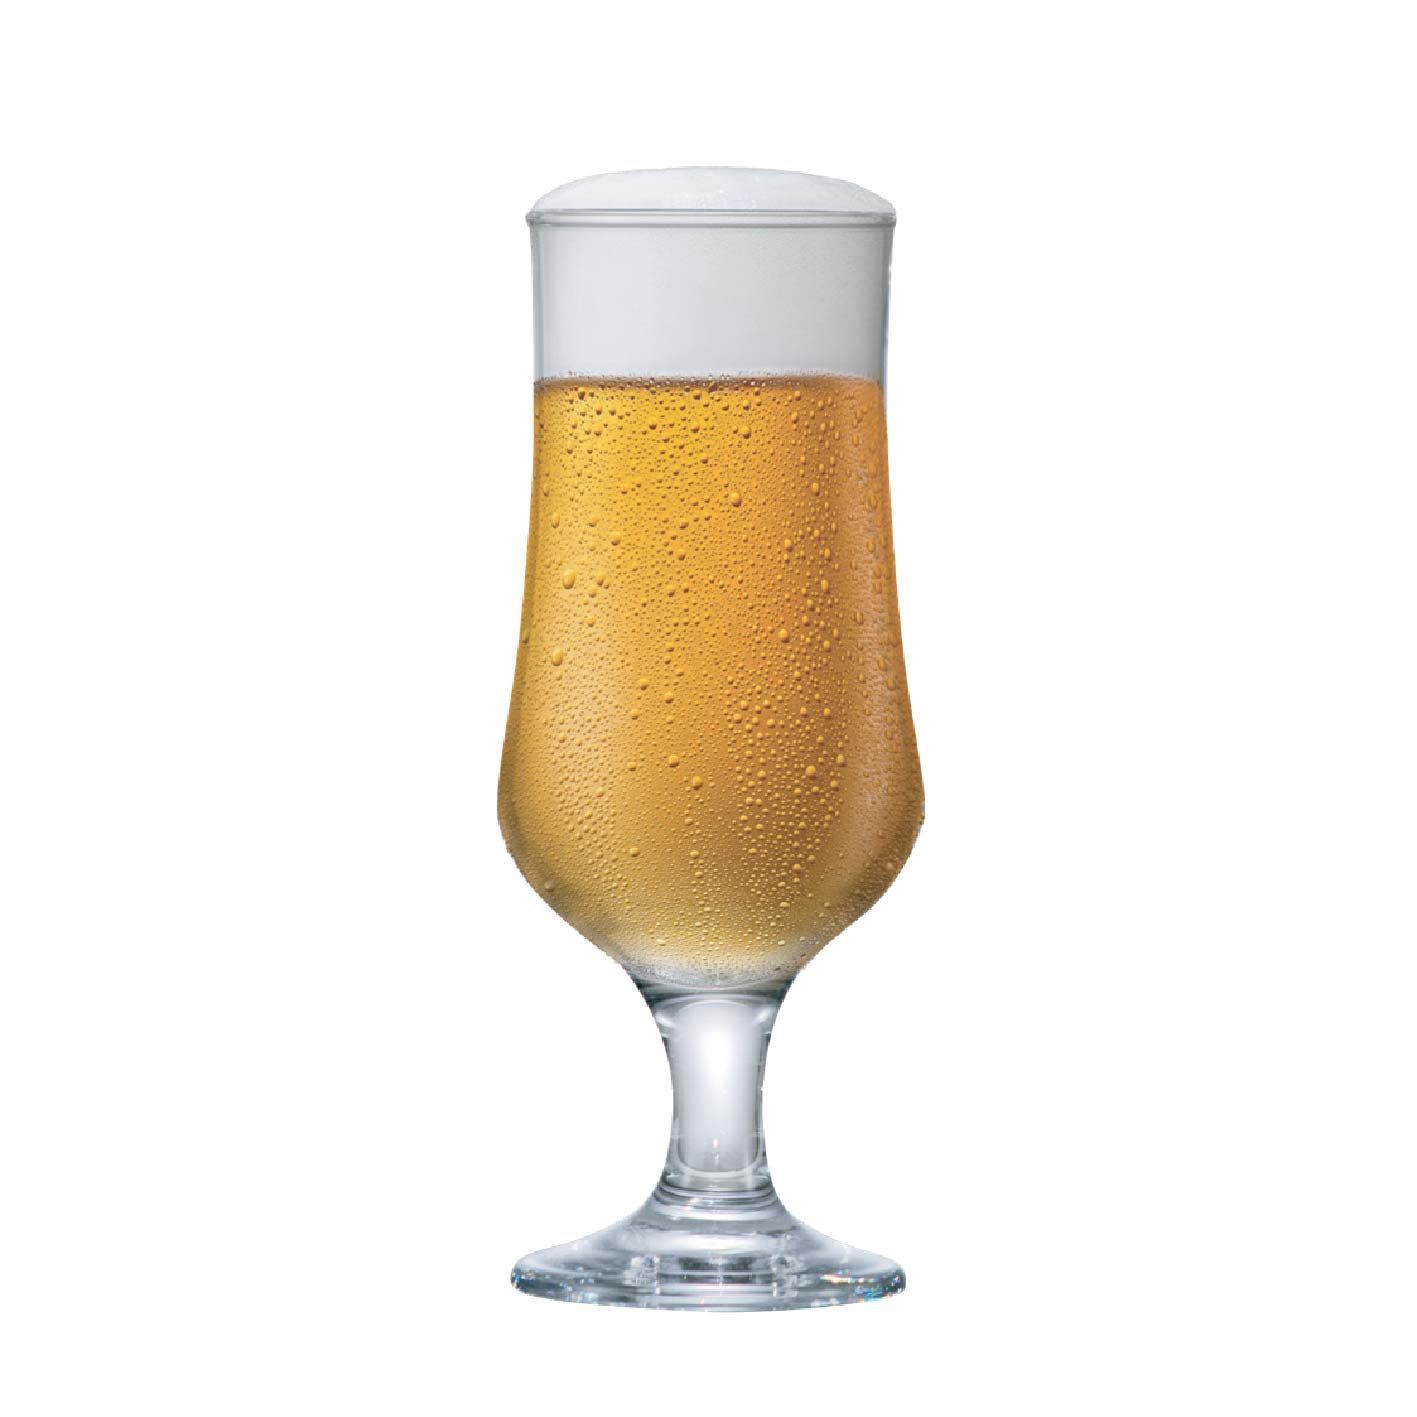 Jogo de Taças para Cerveja Rótulo Barcelona 370ml 6 Pcs